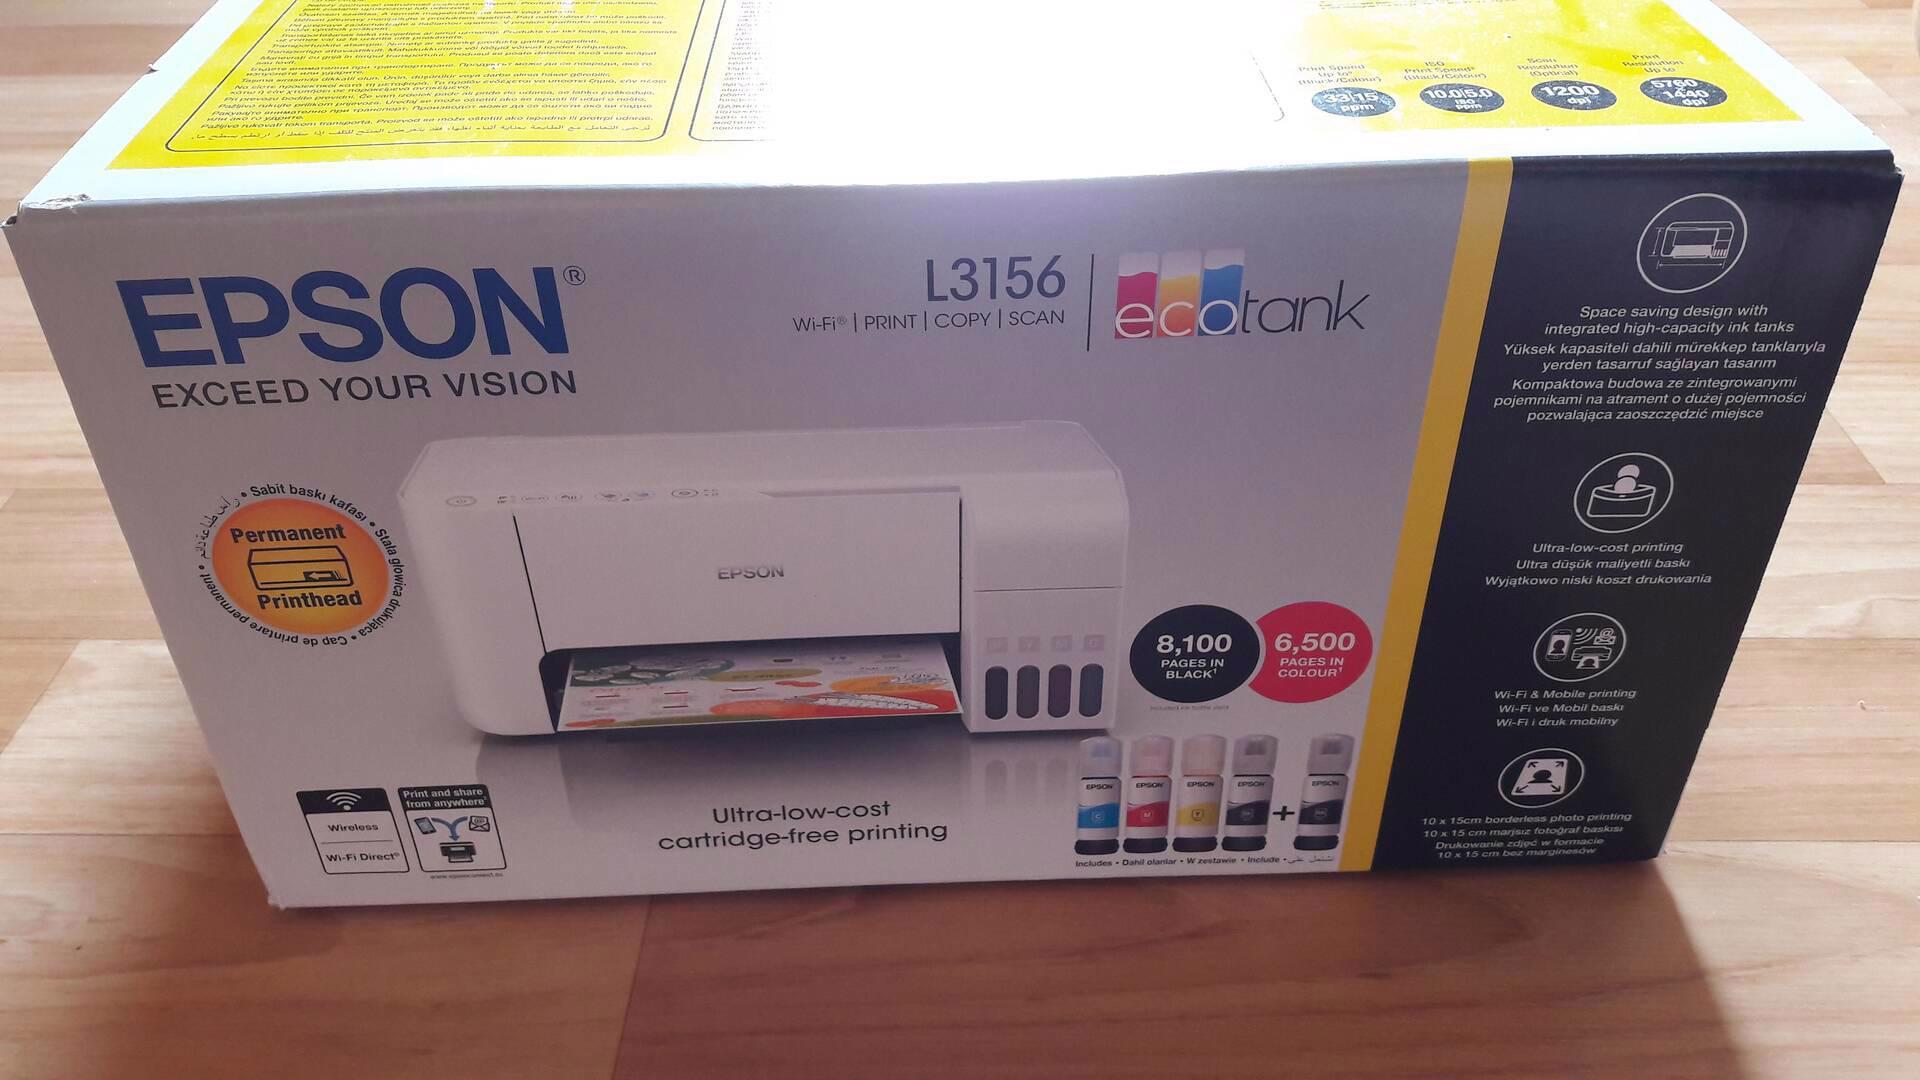 Prodám tiskárnu EPSON L3156, NOVÁ, NEROZBALENÁ, LEVNÝ TISK - foto 1